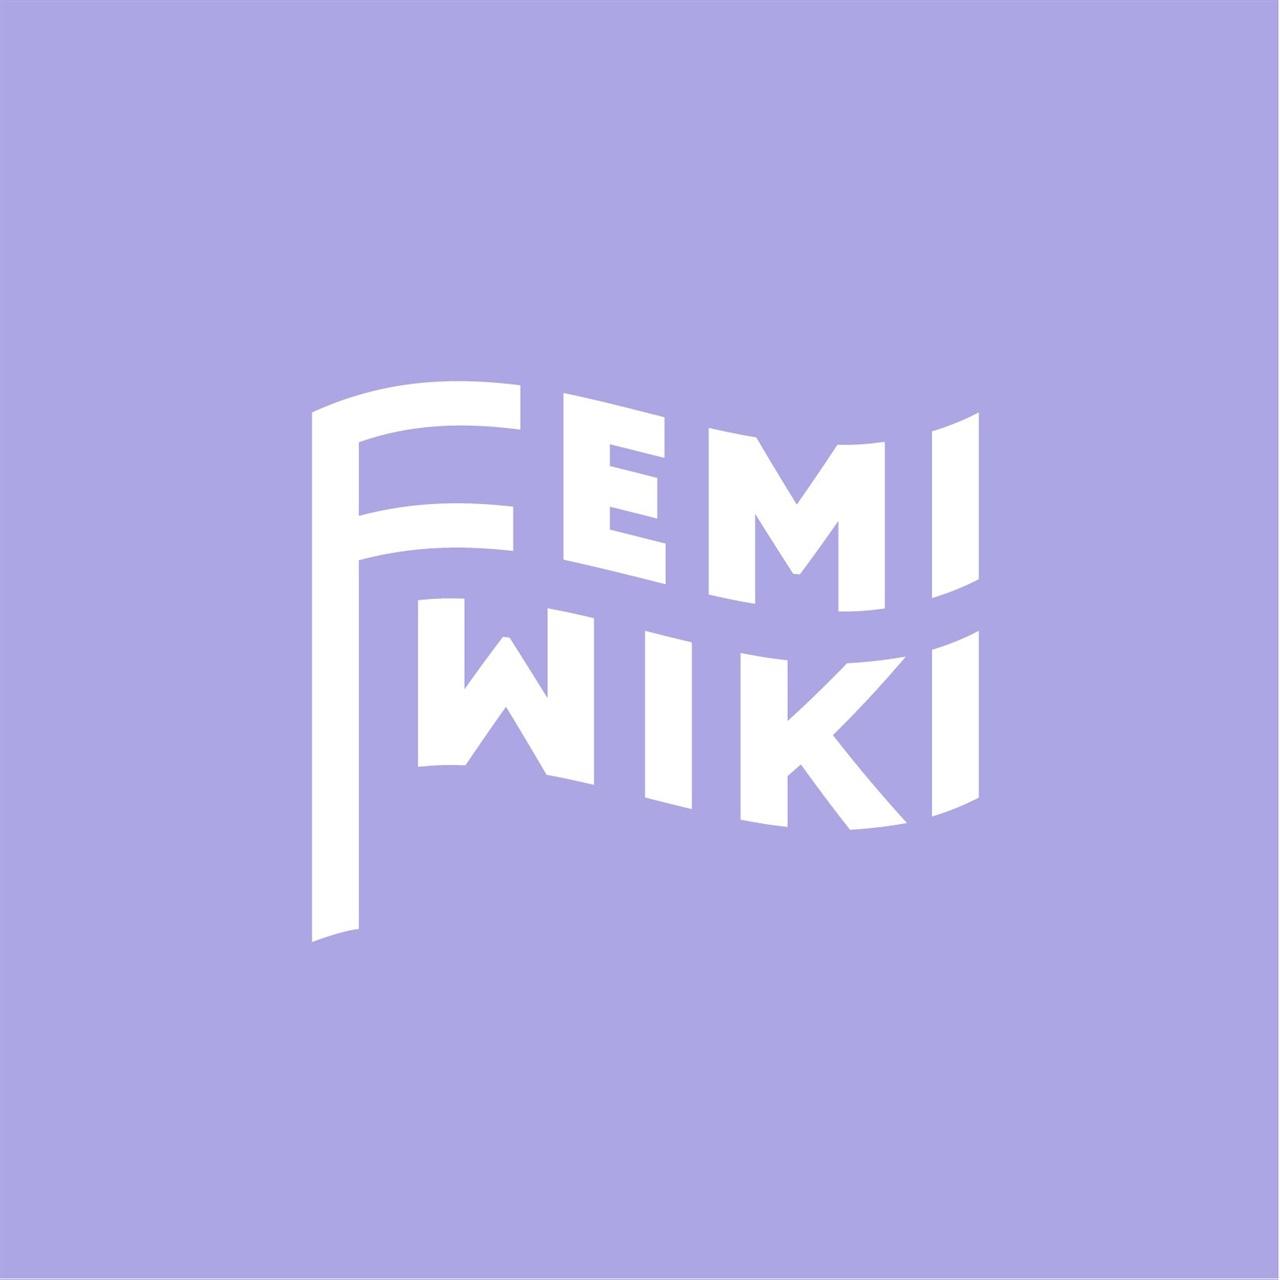 페미위키 로고